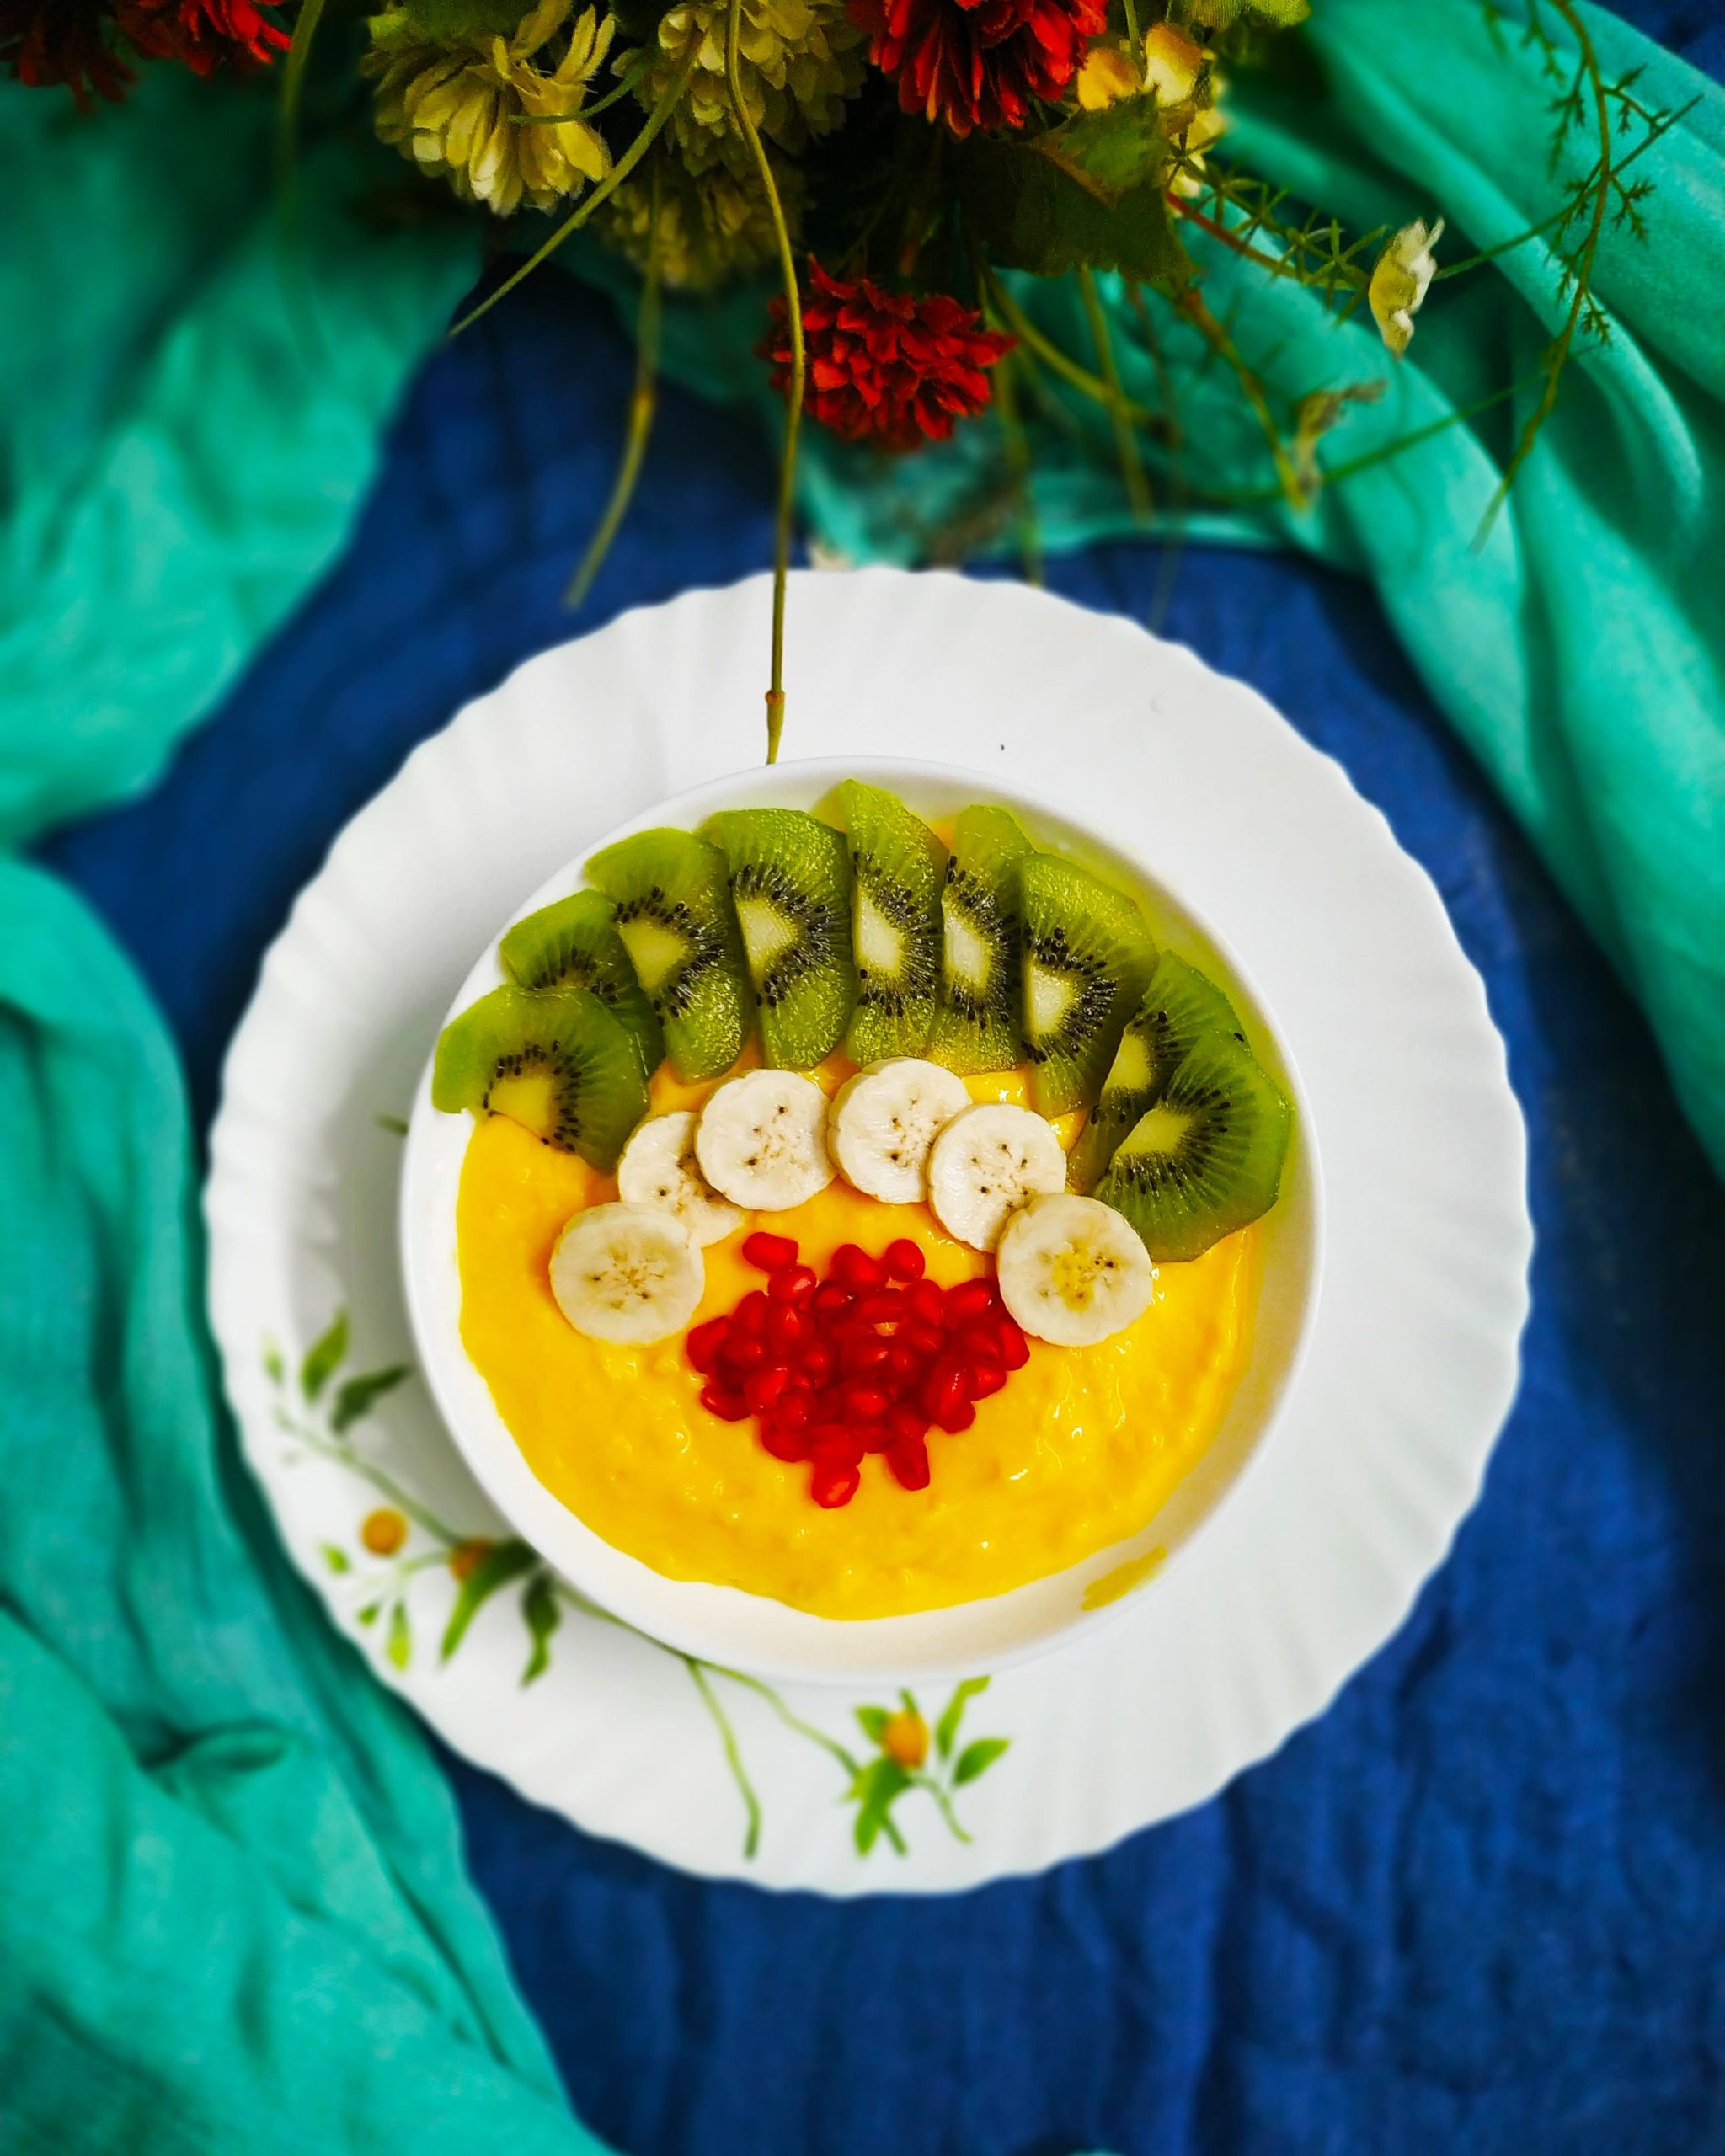 A Fruit Dish